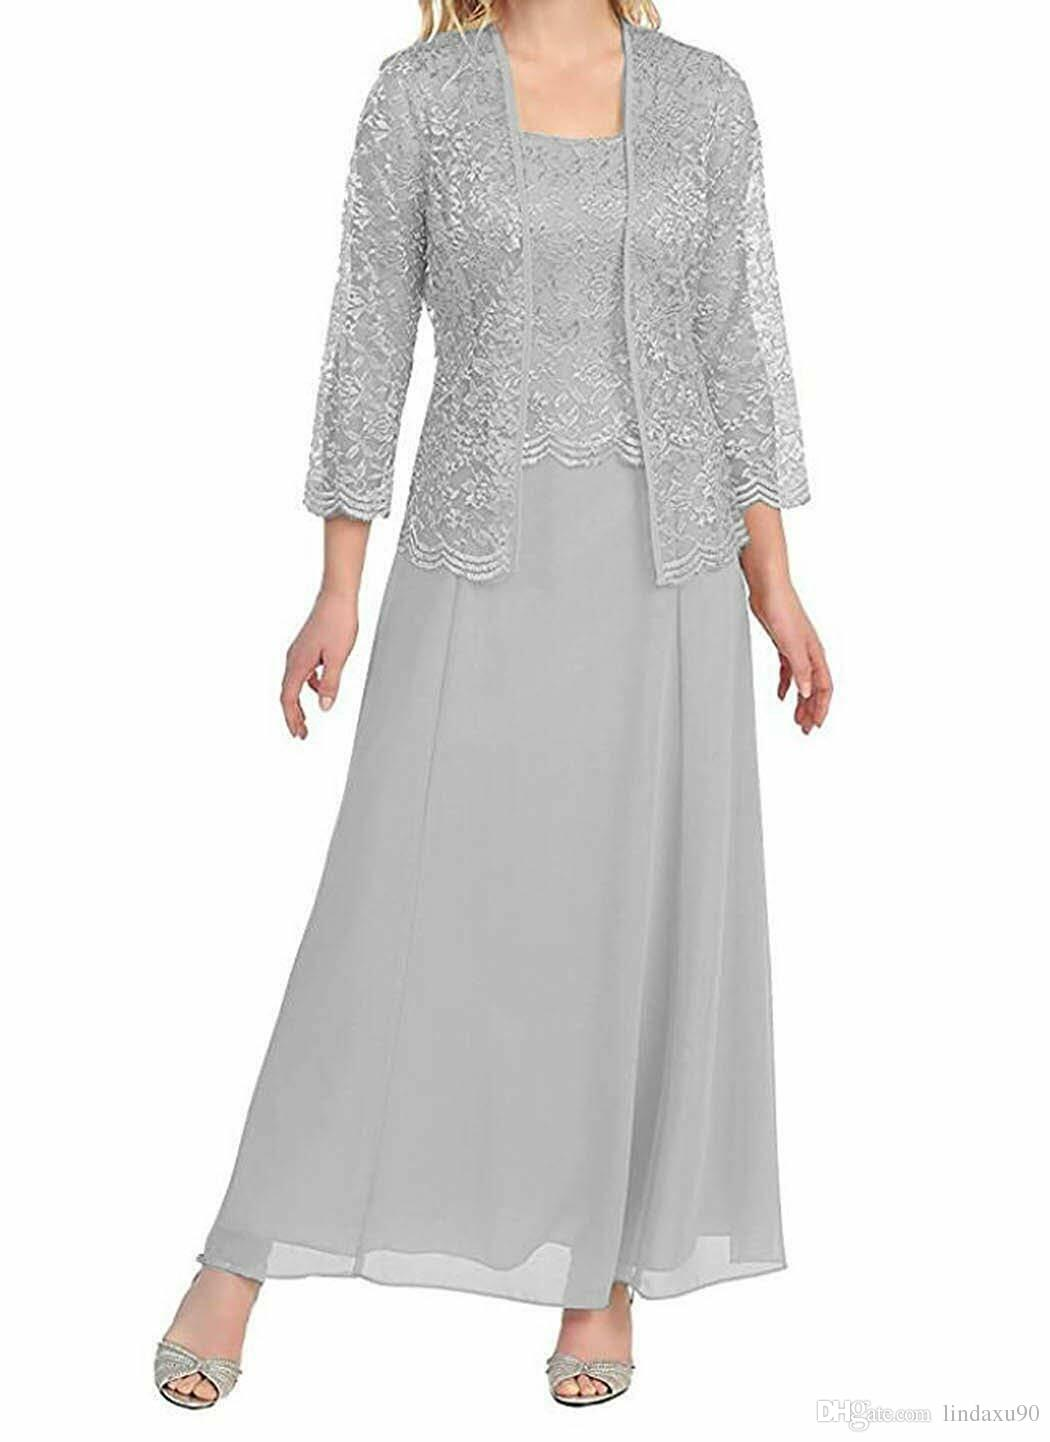 großhandel silber grau 2019 kleid für die brautmutter mit jacke einfache  günstige hochzeitsgast kleid outfits knöchellang von lindaxu90, 77,14 € auf